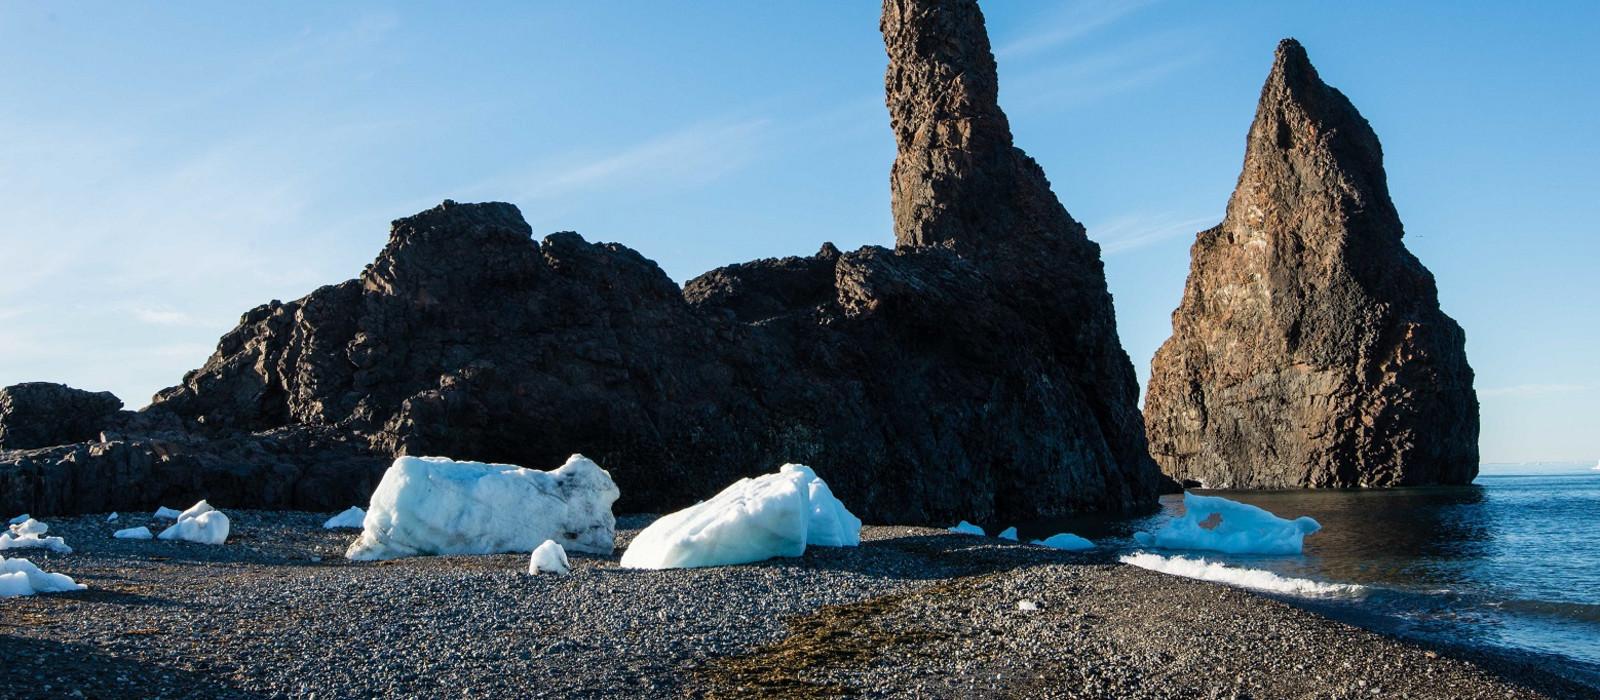 Russische Arktis – Franz Josef Land & Nowaja Semlja Urlaub 1